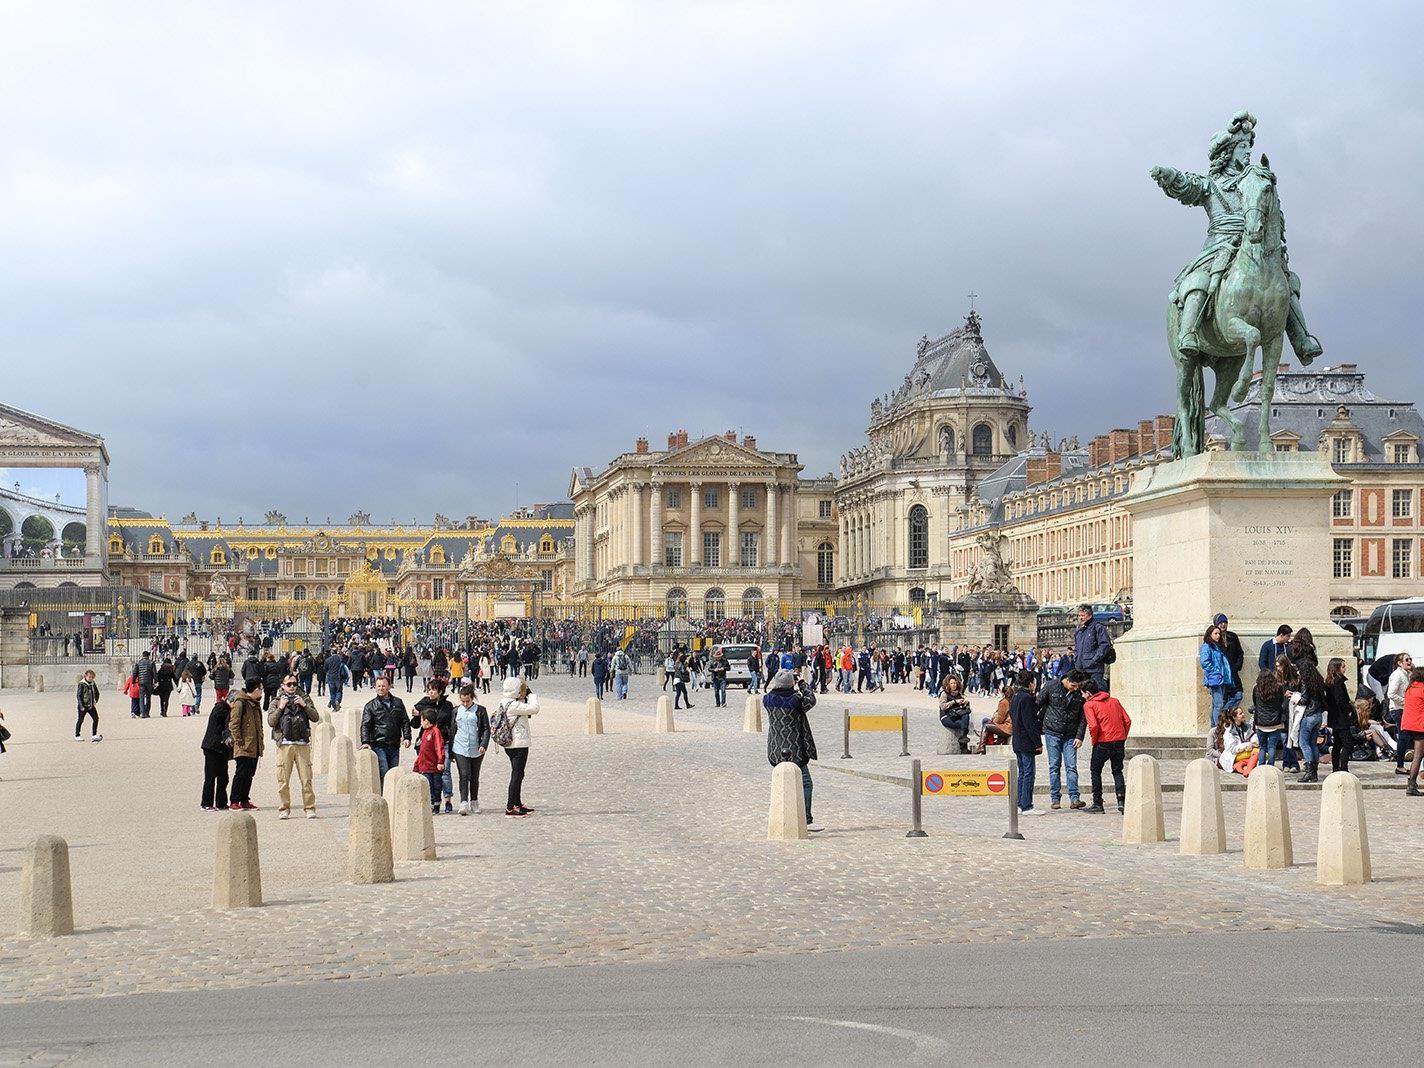 Das neue Auditorium im Dachgeschoss von Schloss Versailles erhielt eine elastische Lagerung vom Schwingungsschutzexperten Getzner.